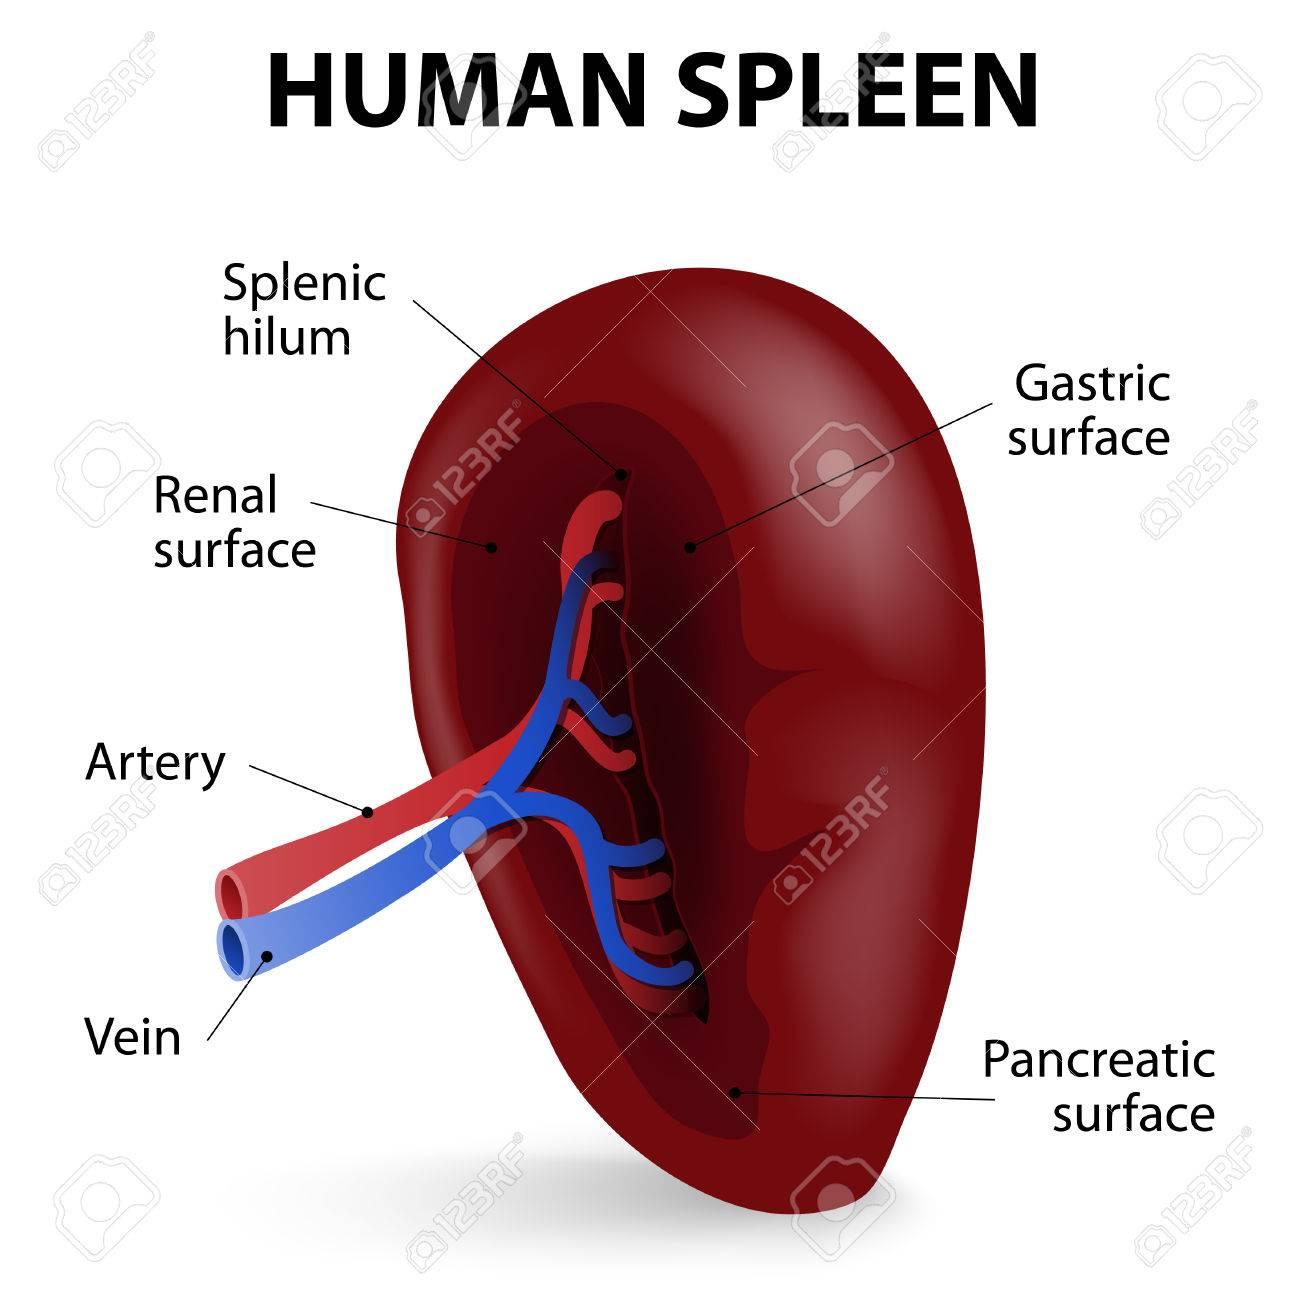 Visceral Surface Of The Spleen The Spleen Synthesizes Antibodies